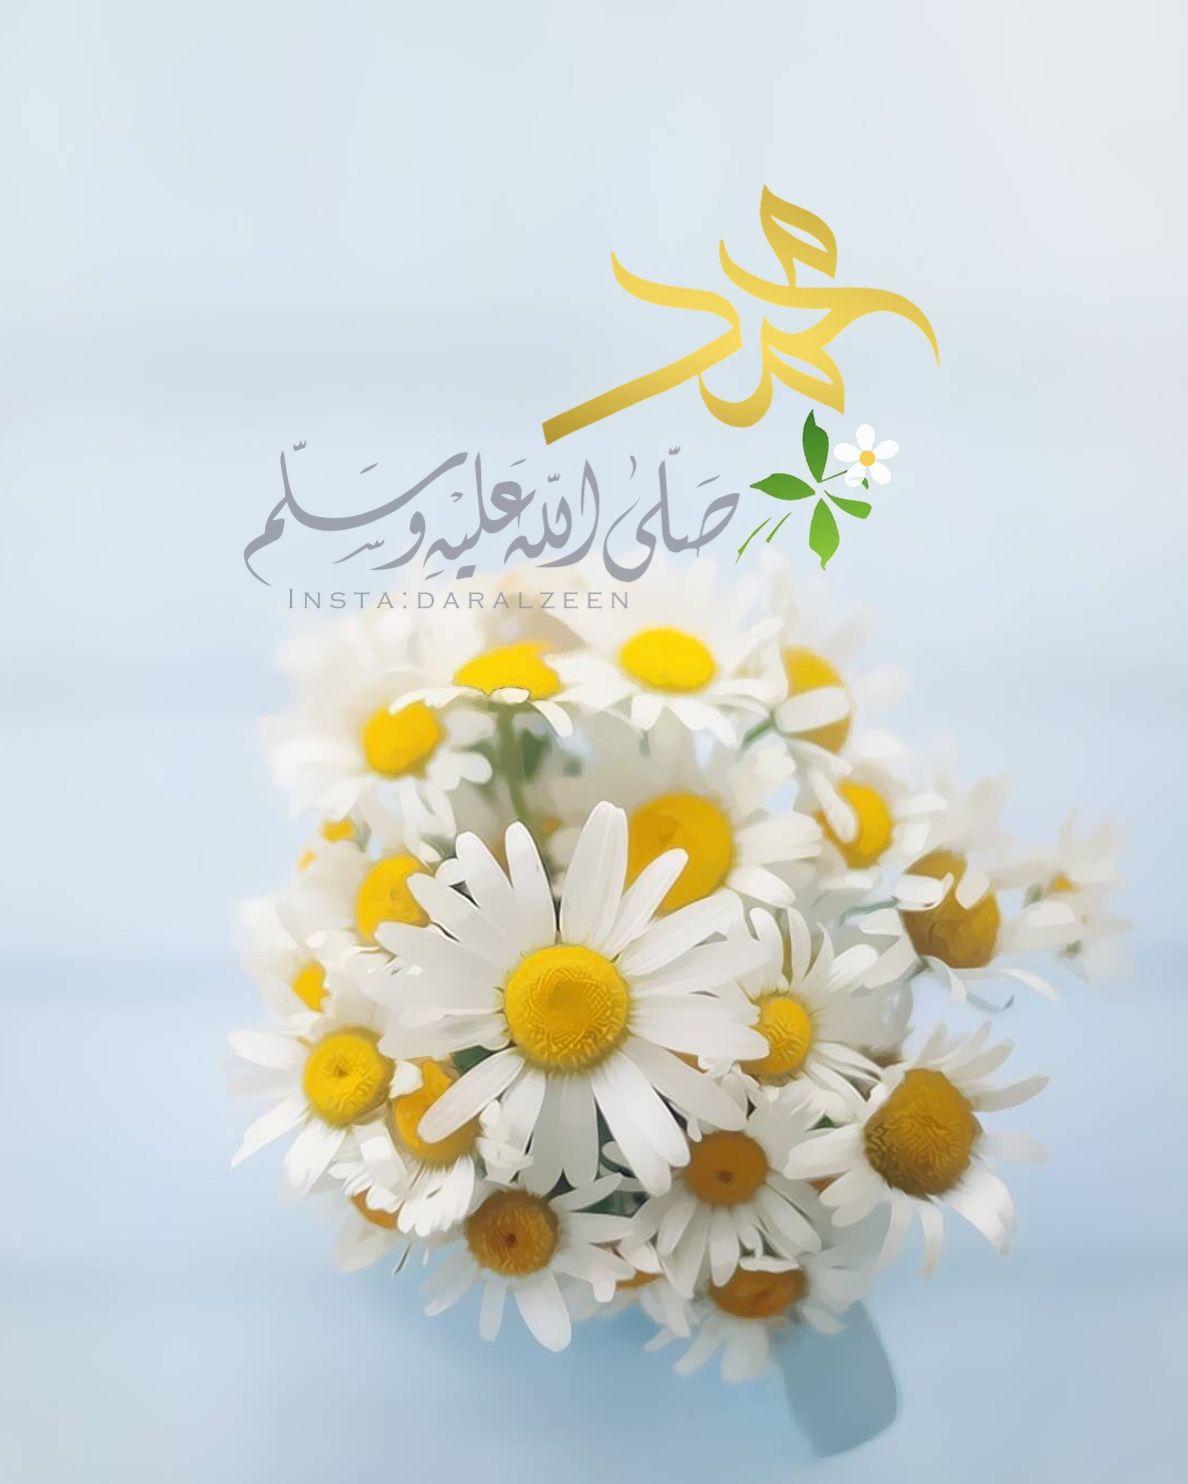 اللهم صل وسلم وبارك على نبينا محمد عدد ماذكره الذاكرون Islamic Images Islamic Pictures Islamic Love Quotes